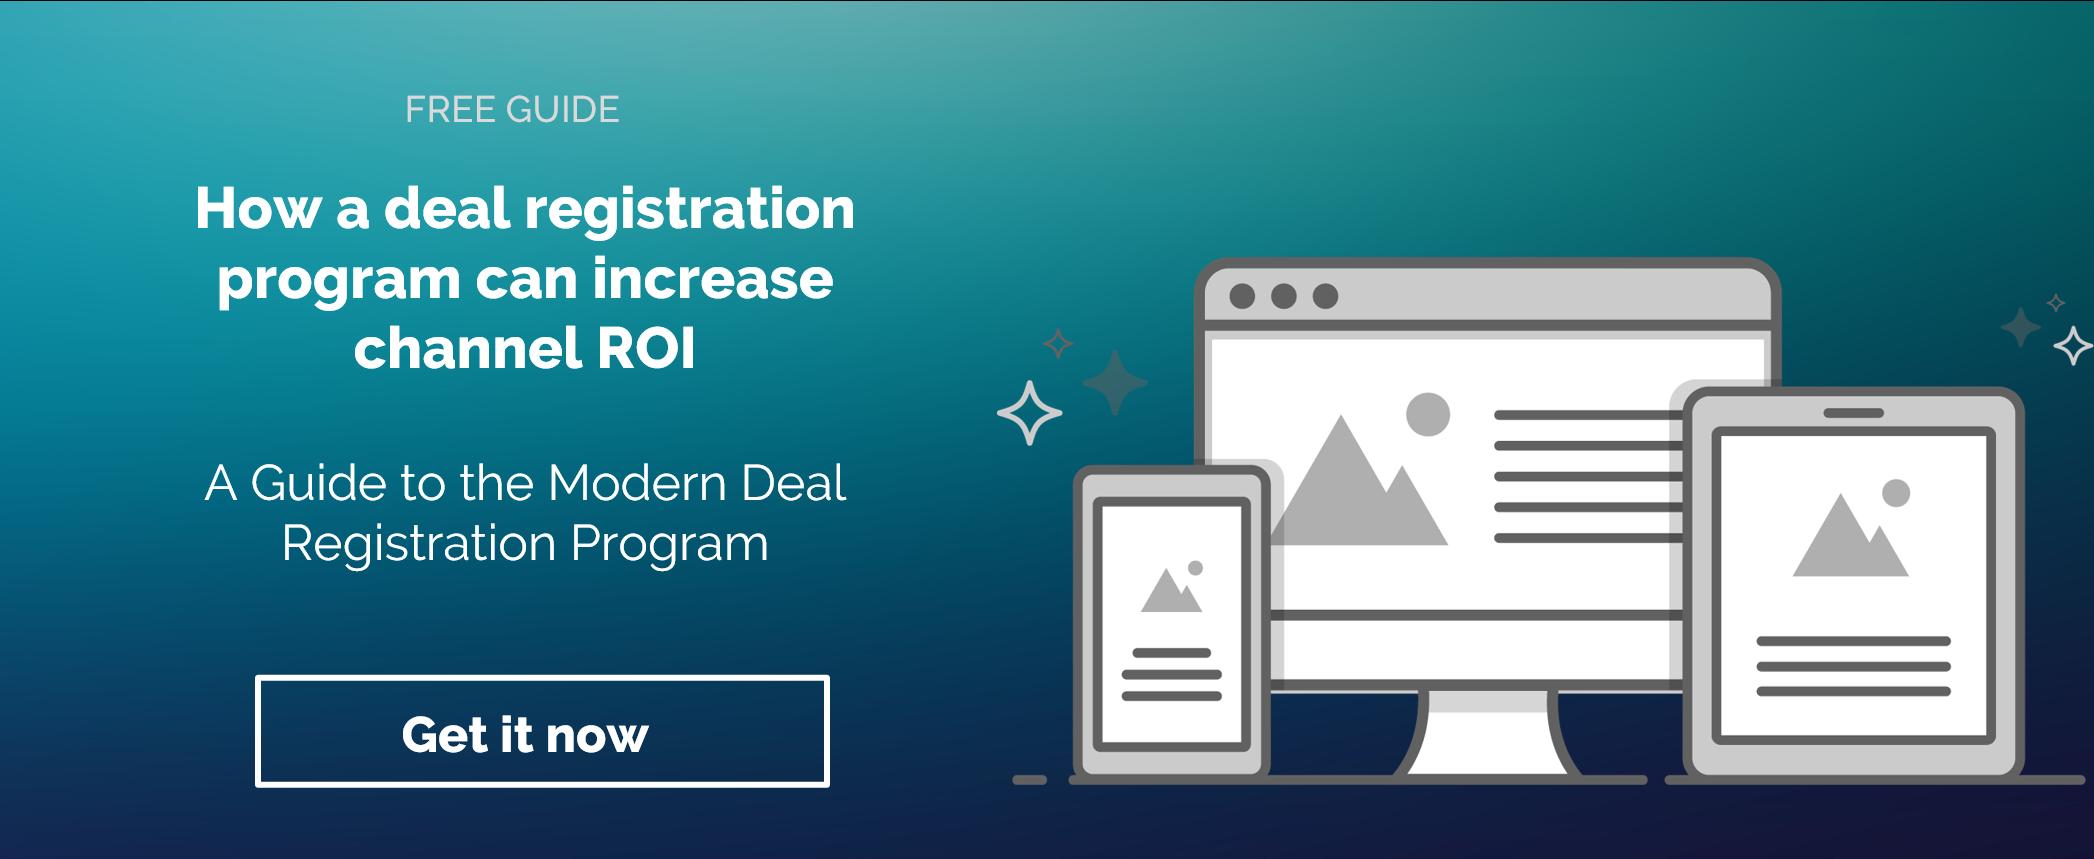 modern deal registration_image CTA